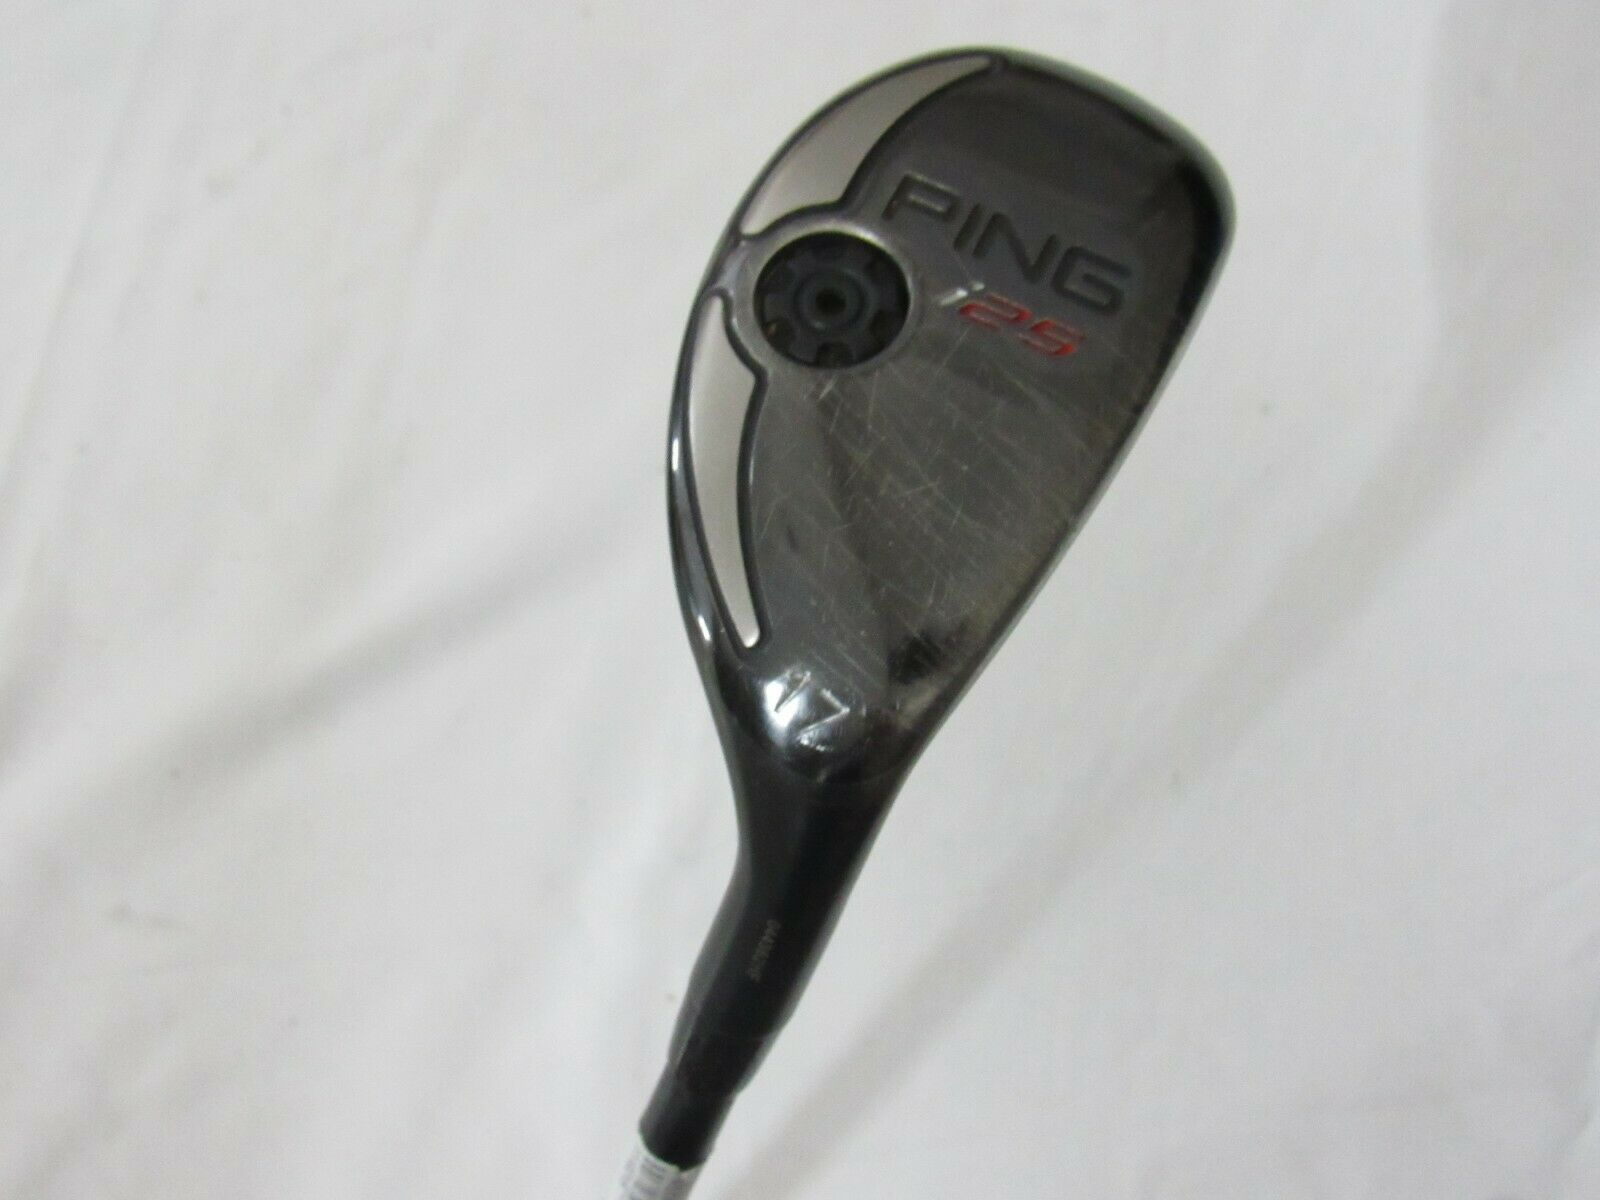 Utiliza la mano derecha Ping  i25 17 ° Hybrid-Ping PWR 90 mango de grafito RÍGIDO de la flexión S-Flex  entrega rápida